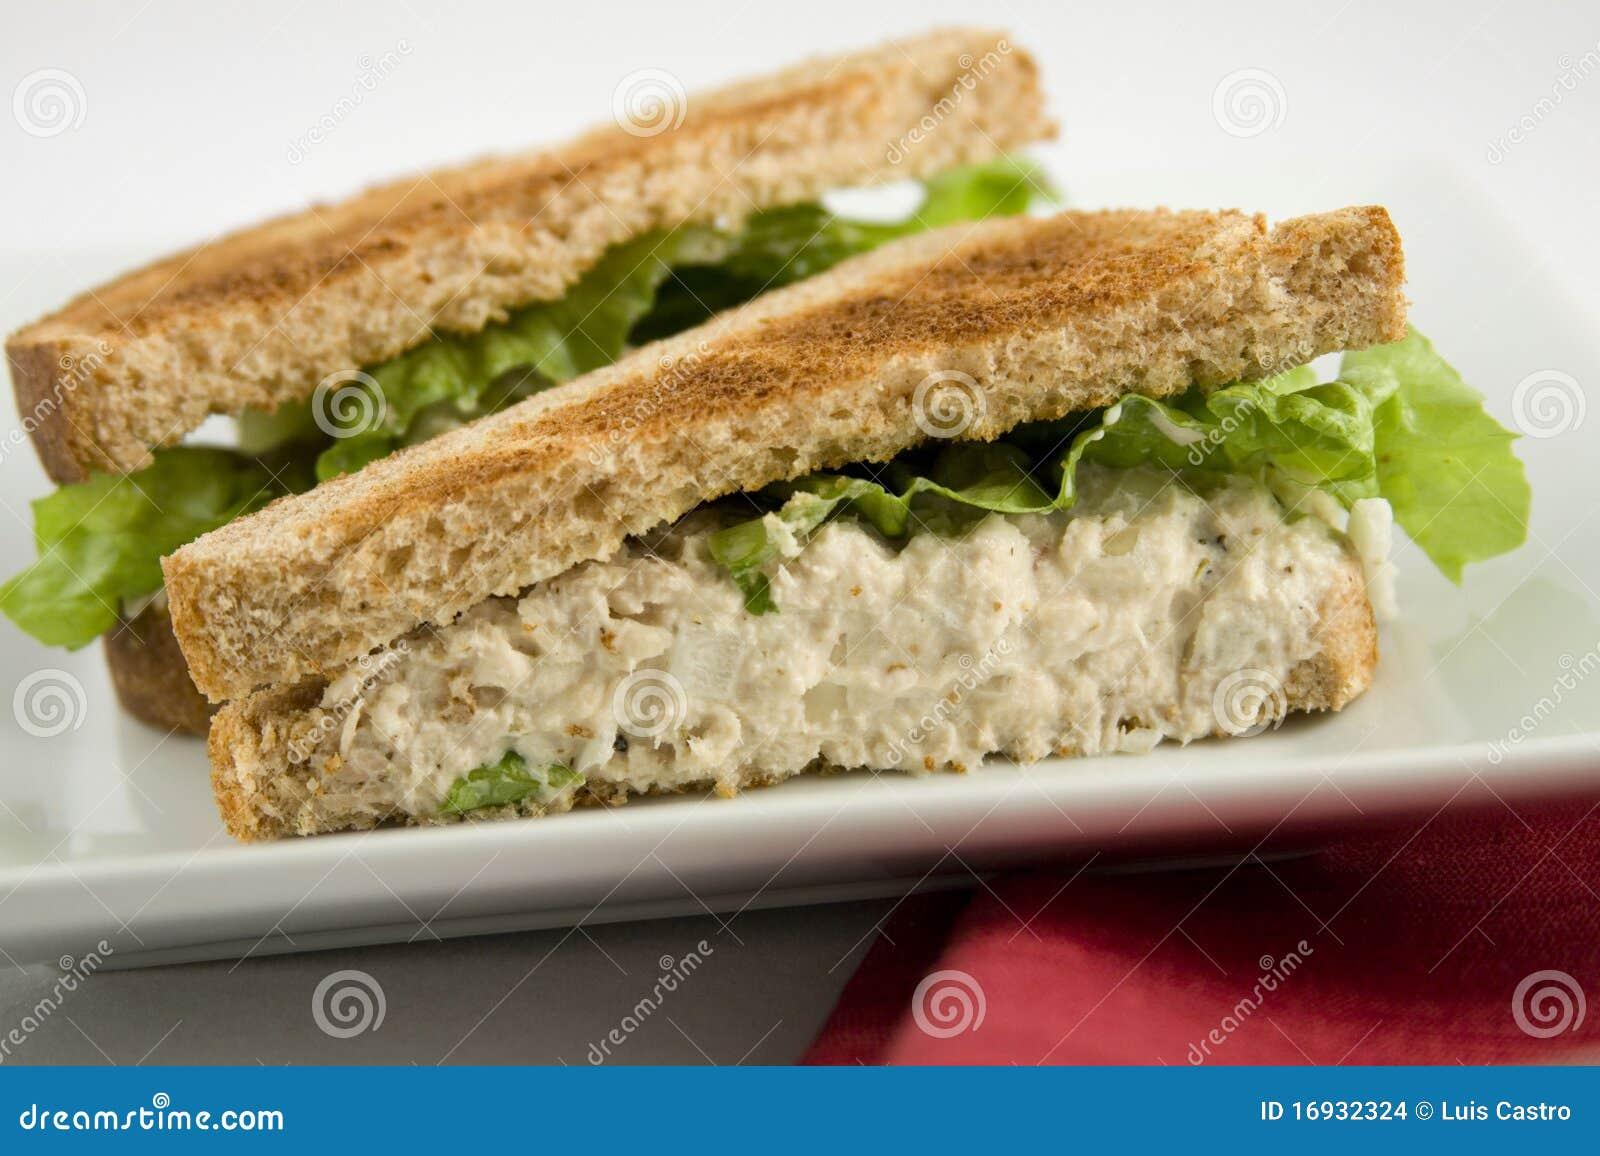 Tuna fish sandwich stock images image 16932324 for Tuna fish sandwich